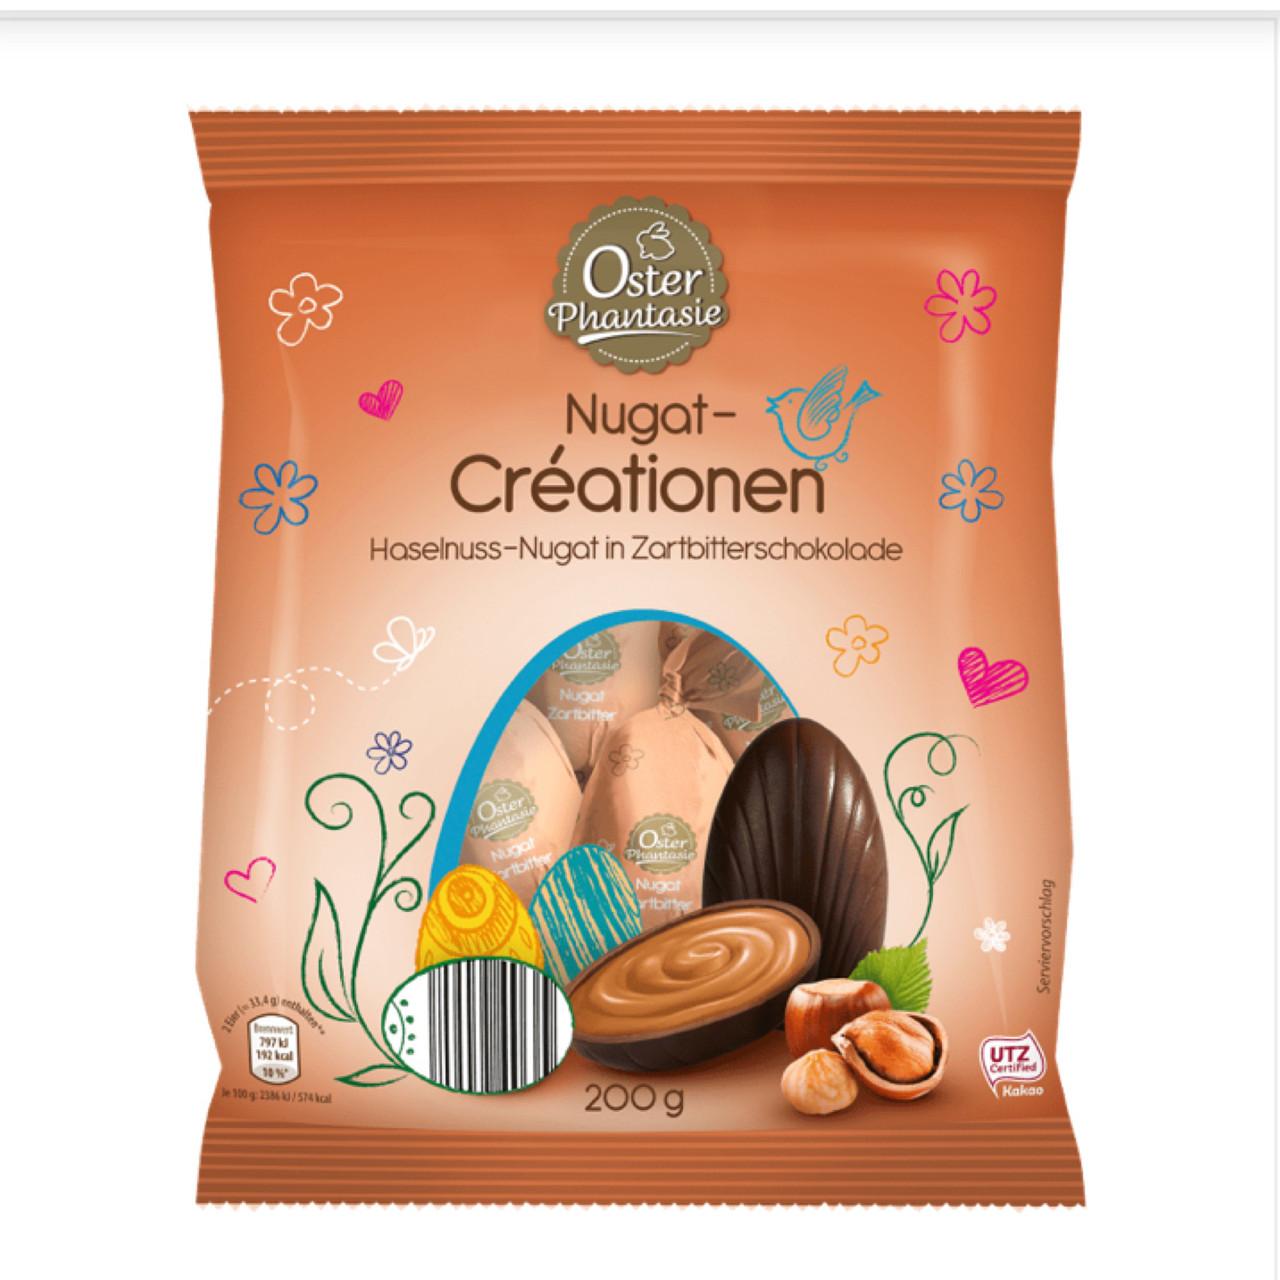 Шоколадные яйца с ореховым кремом (фундук)«OSTER PHANTASIE» 200 g. Германия